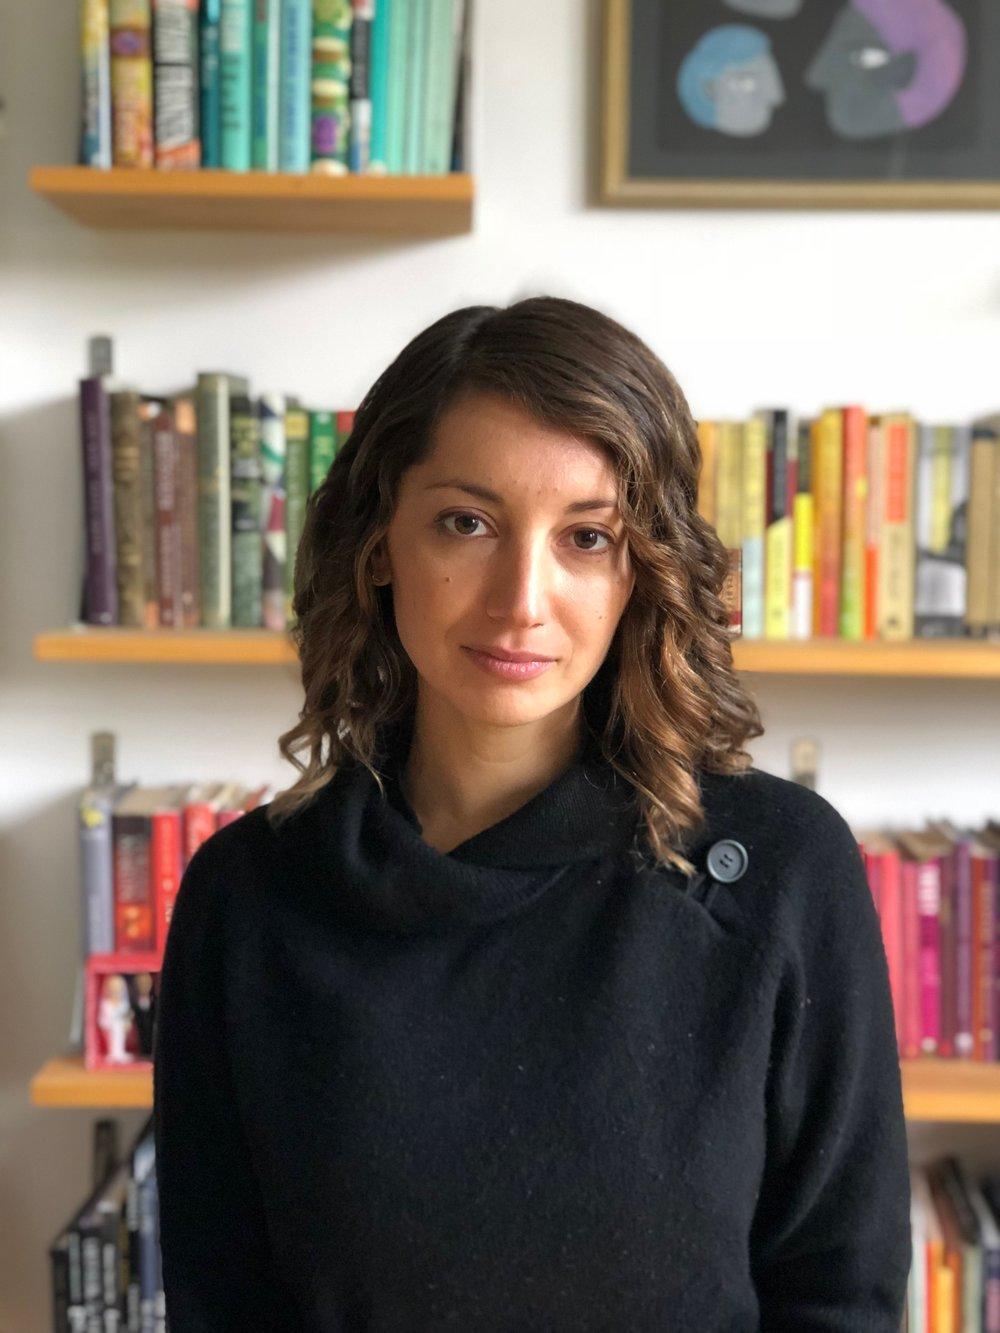 Elena Megalos